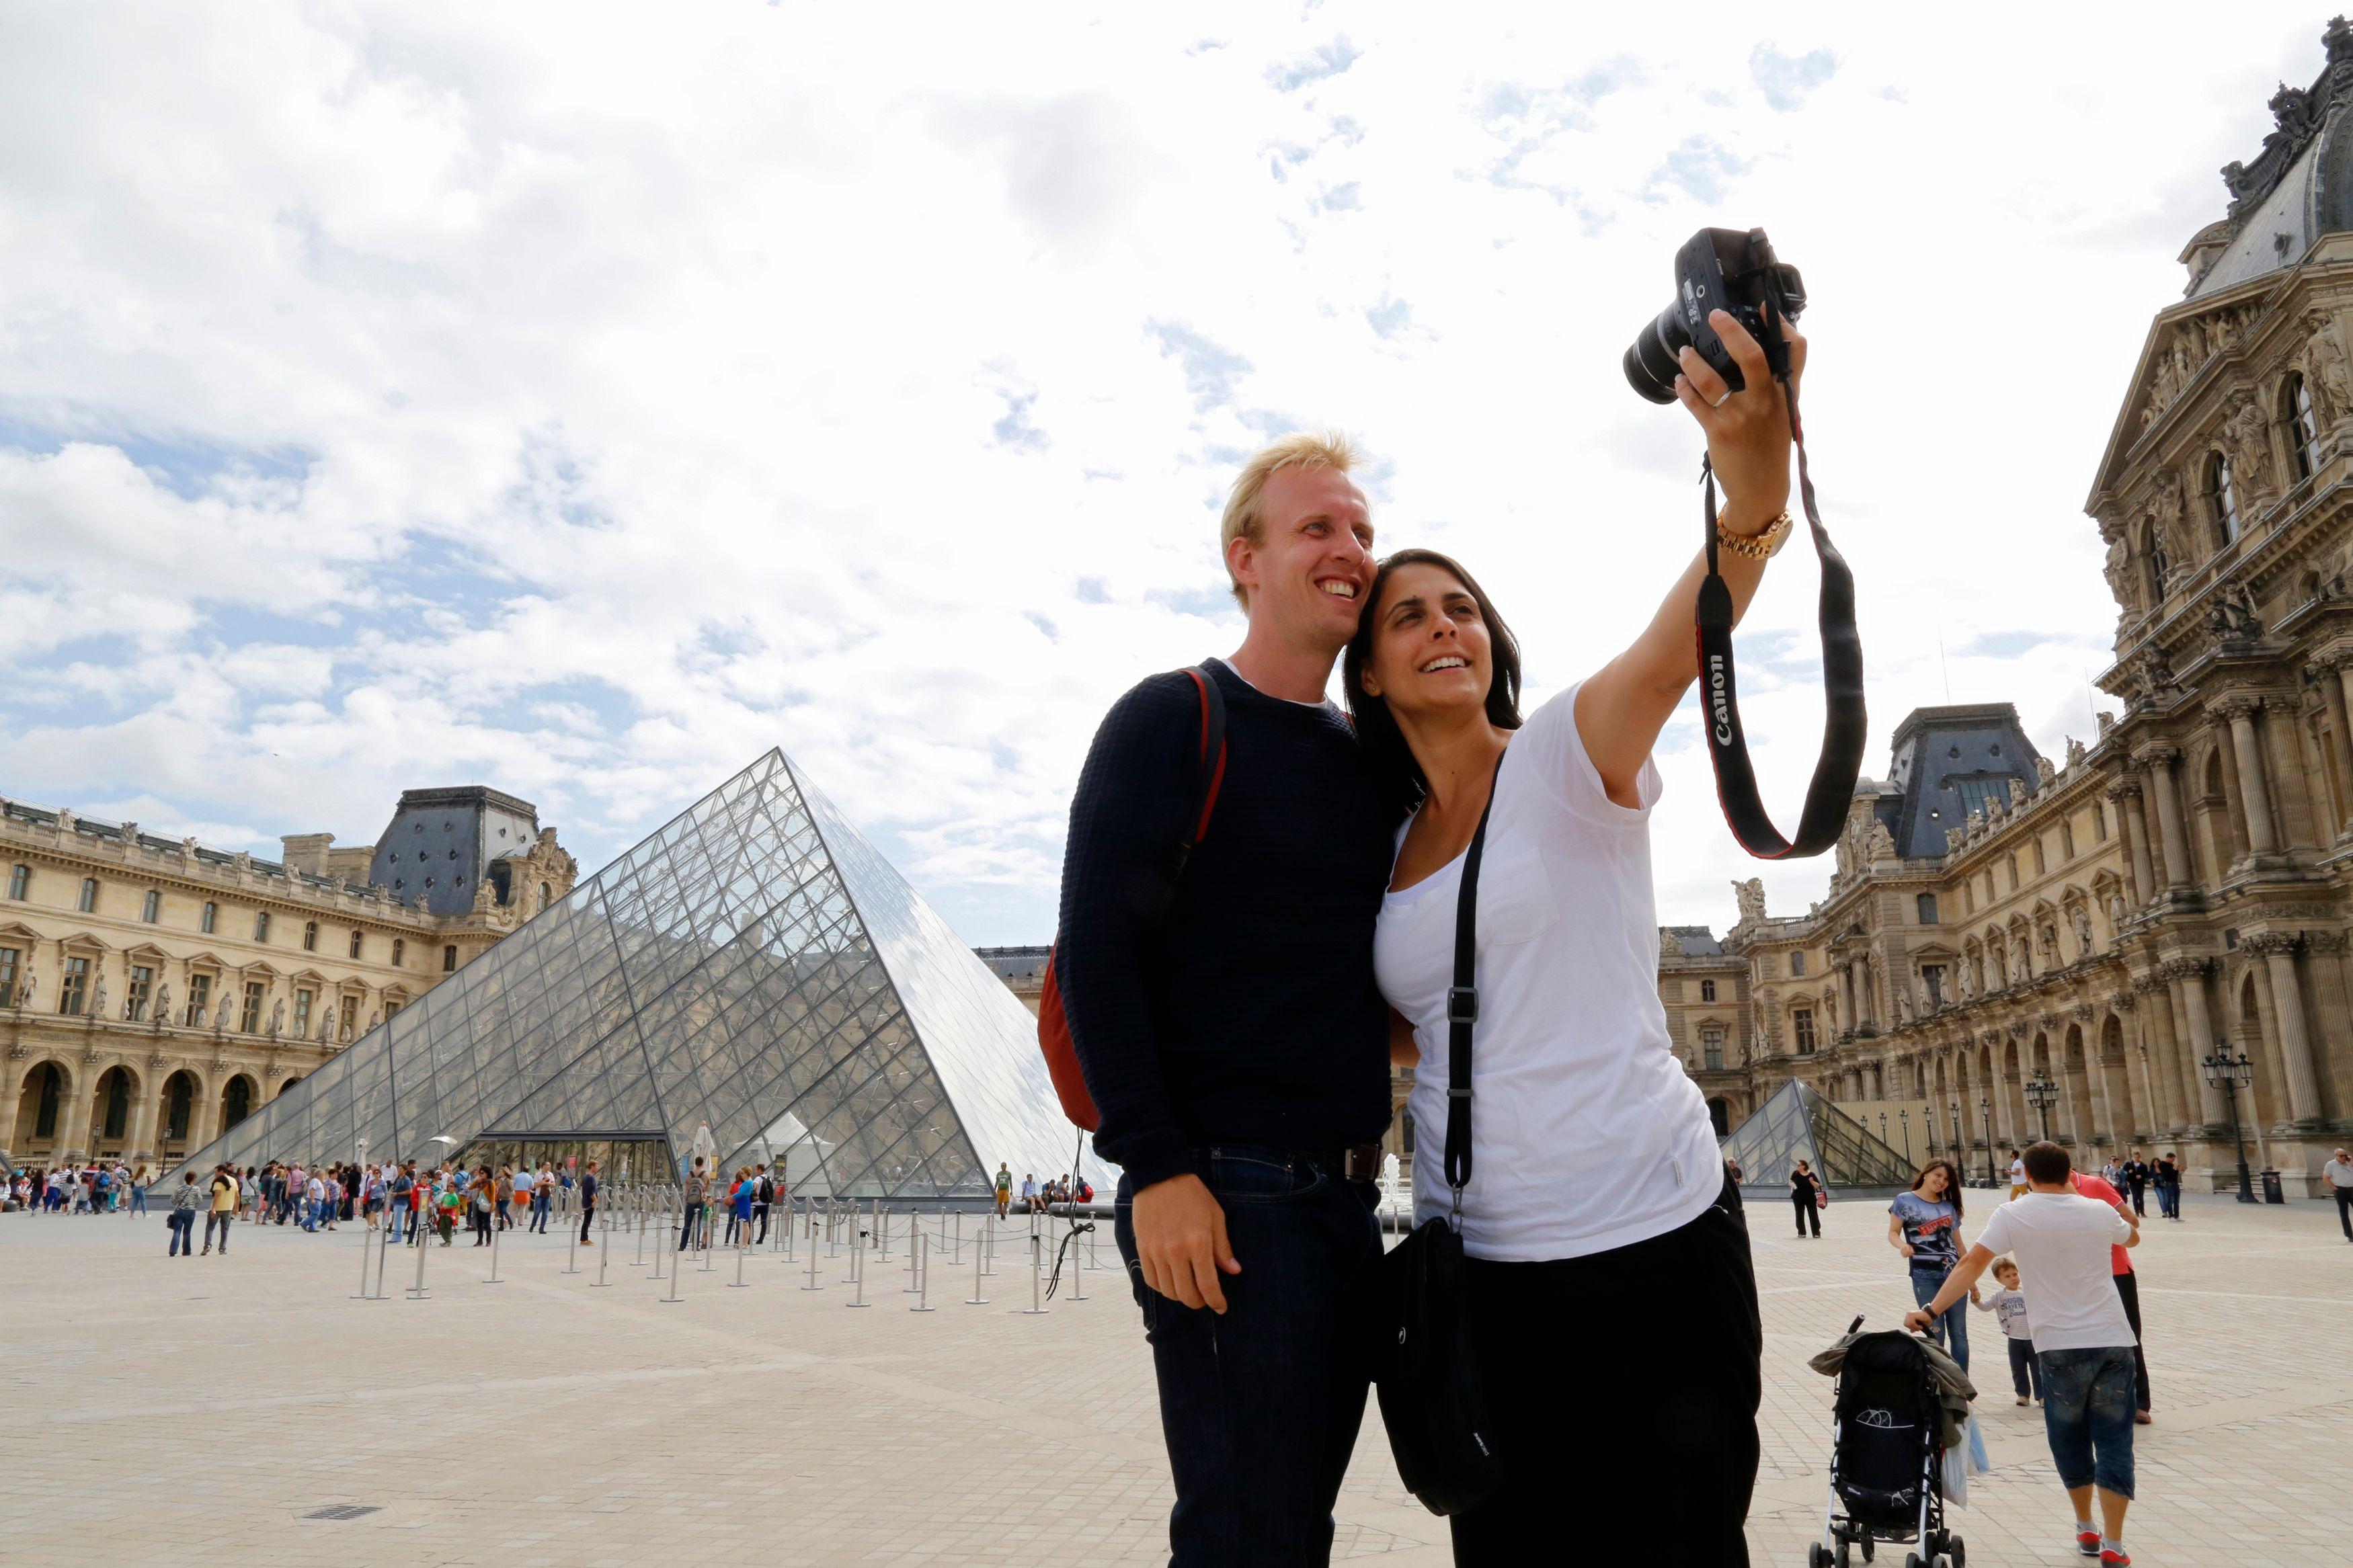 Des touristes se prennent en photo devant la pyramide du Louvre